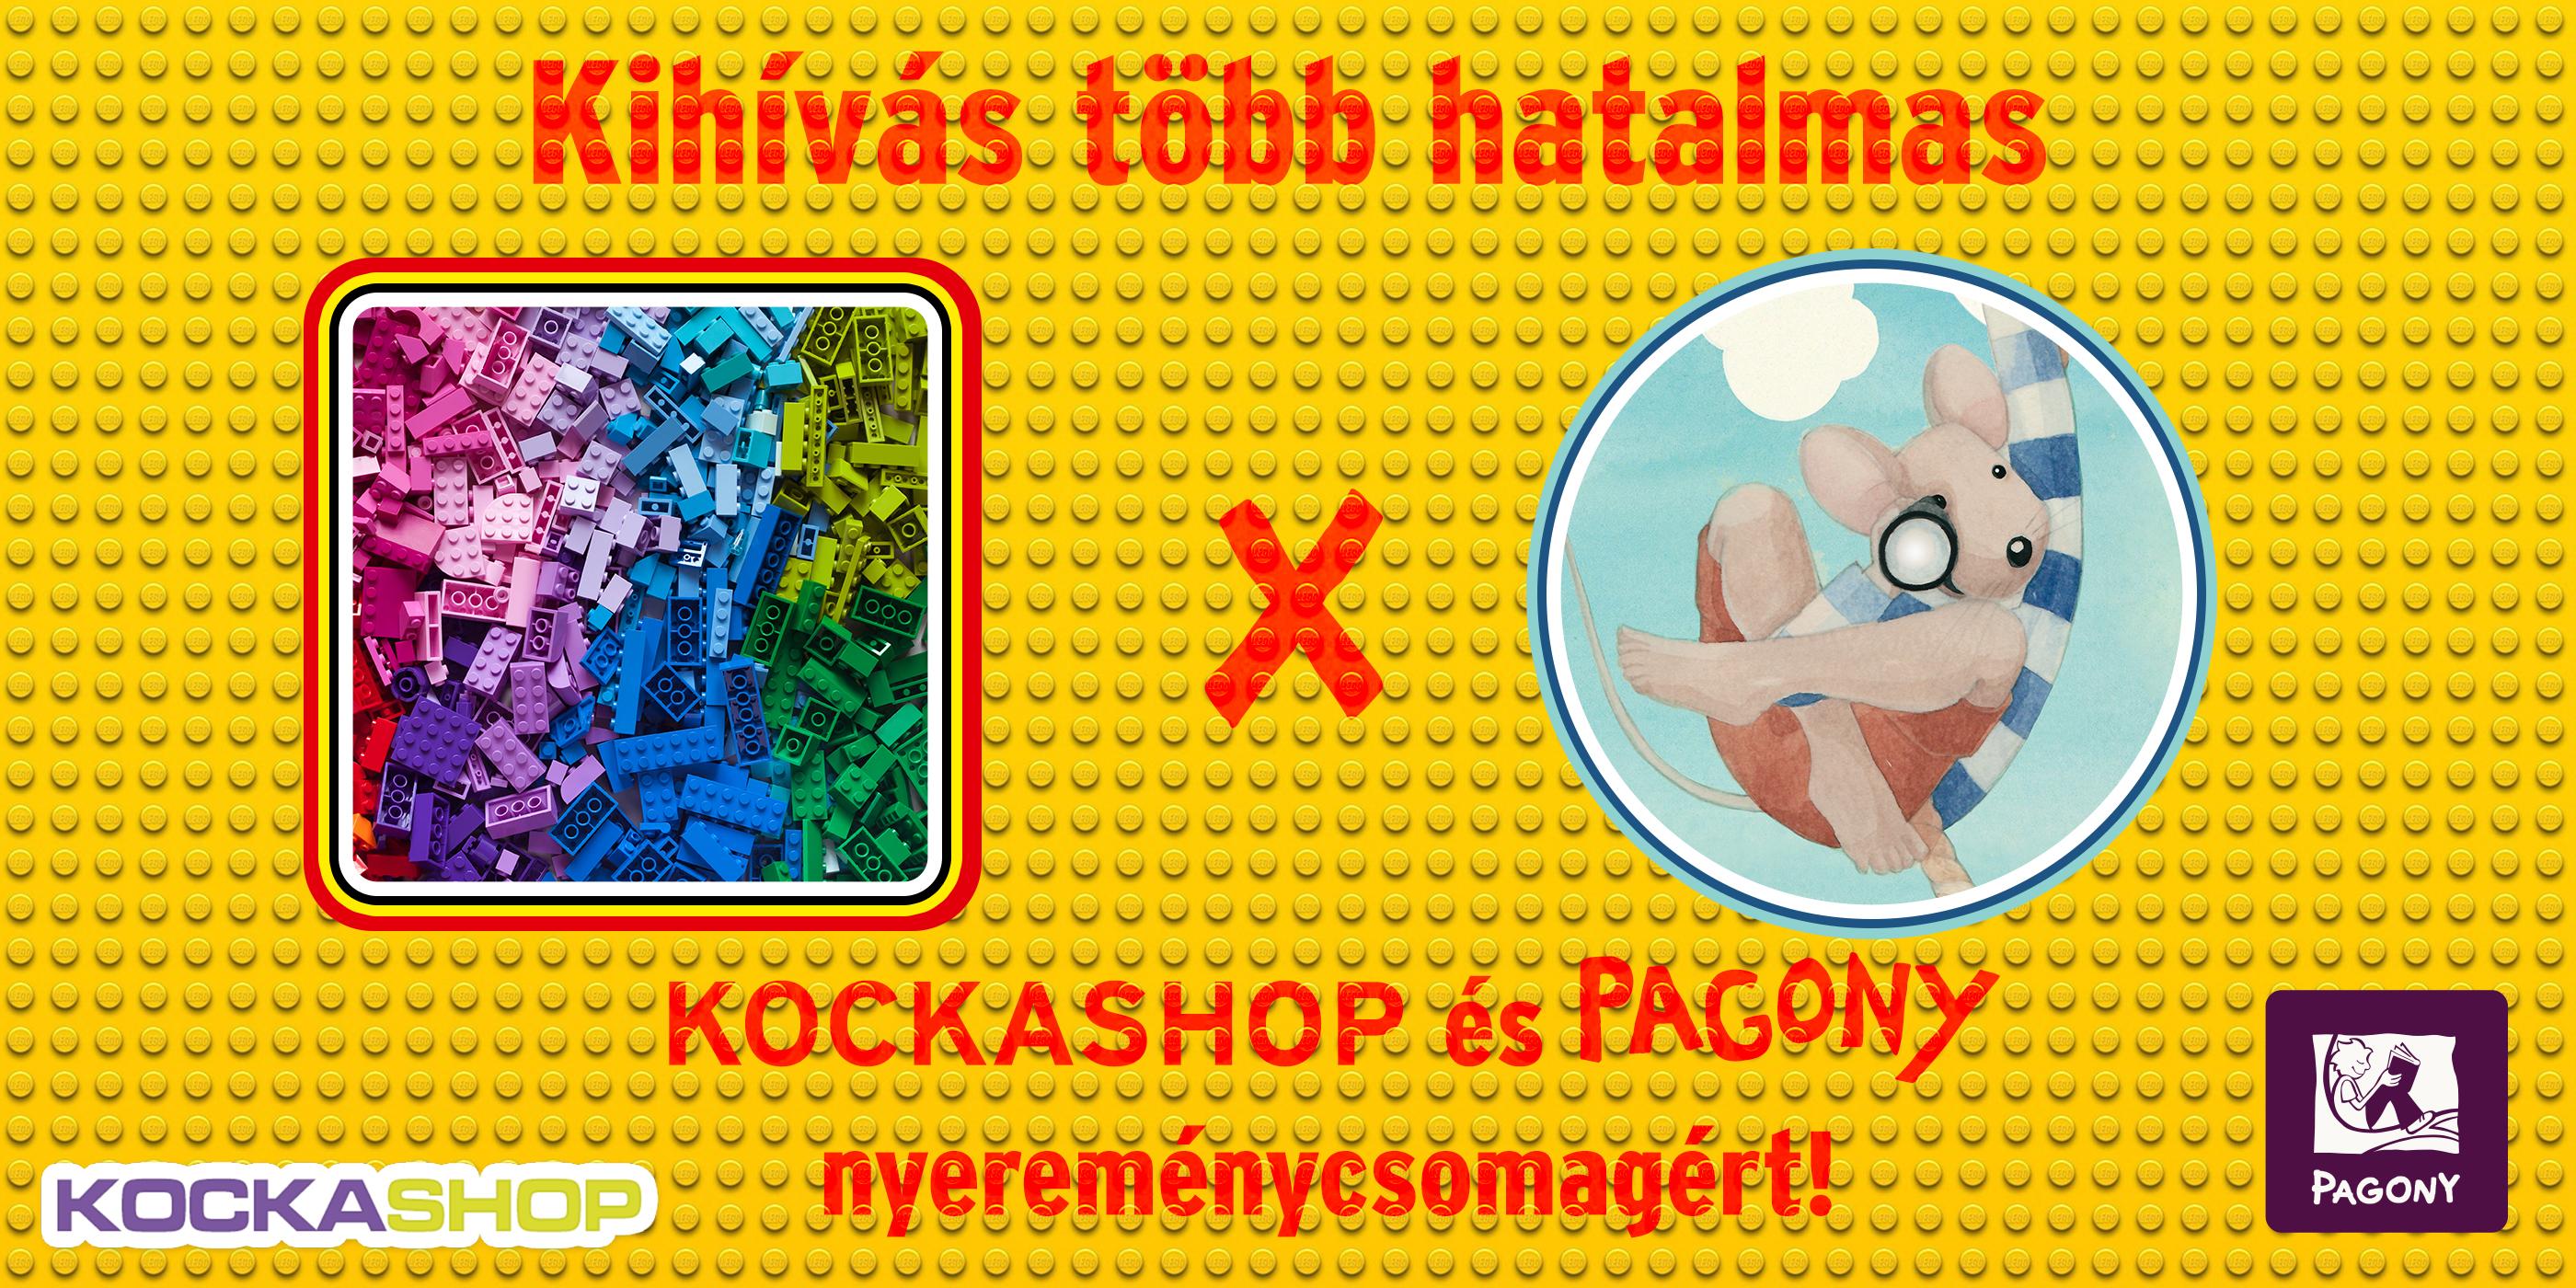 lego_kihivas_blogborito-1.jpg